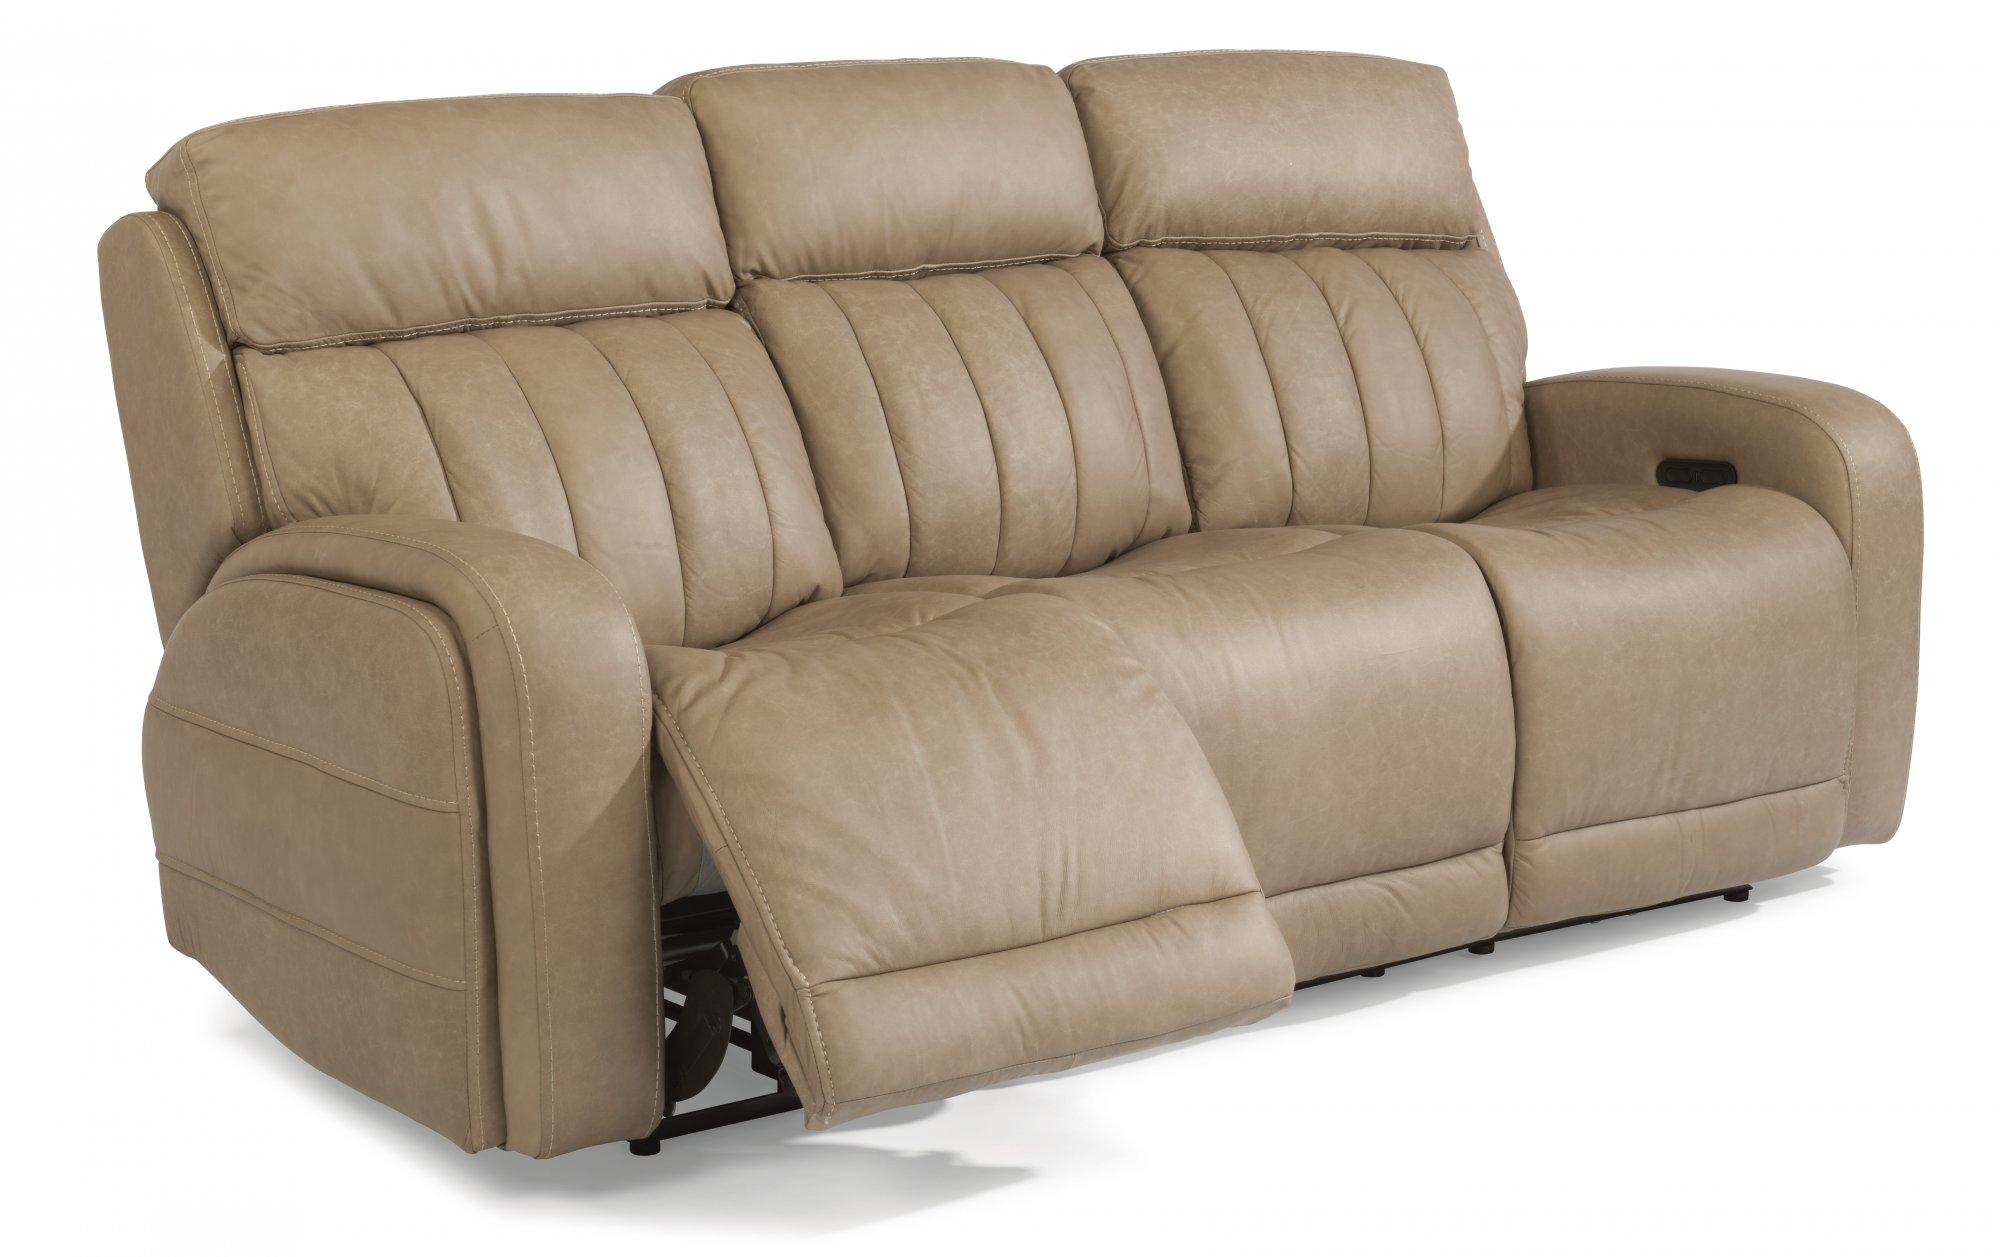 Recliner Sofa Parts Trendy Pcslot Replacement Recliner